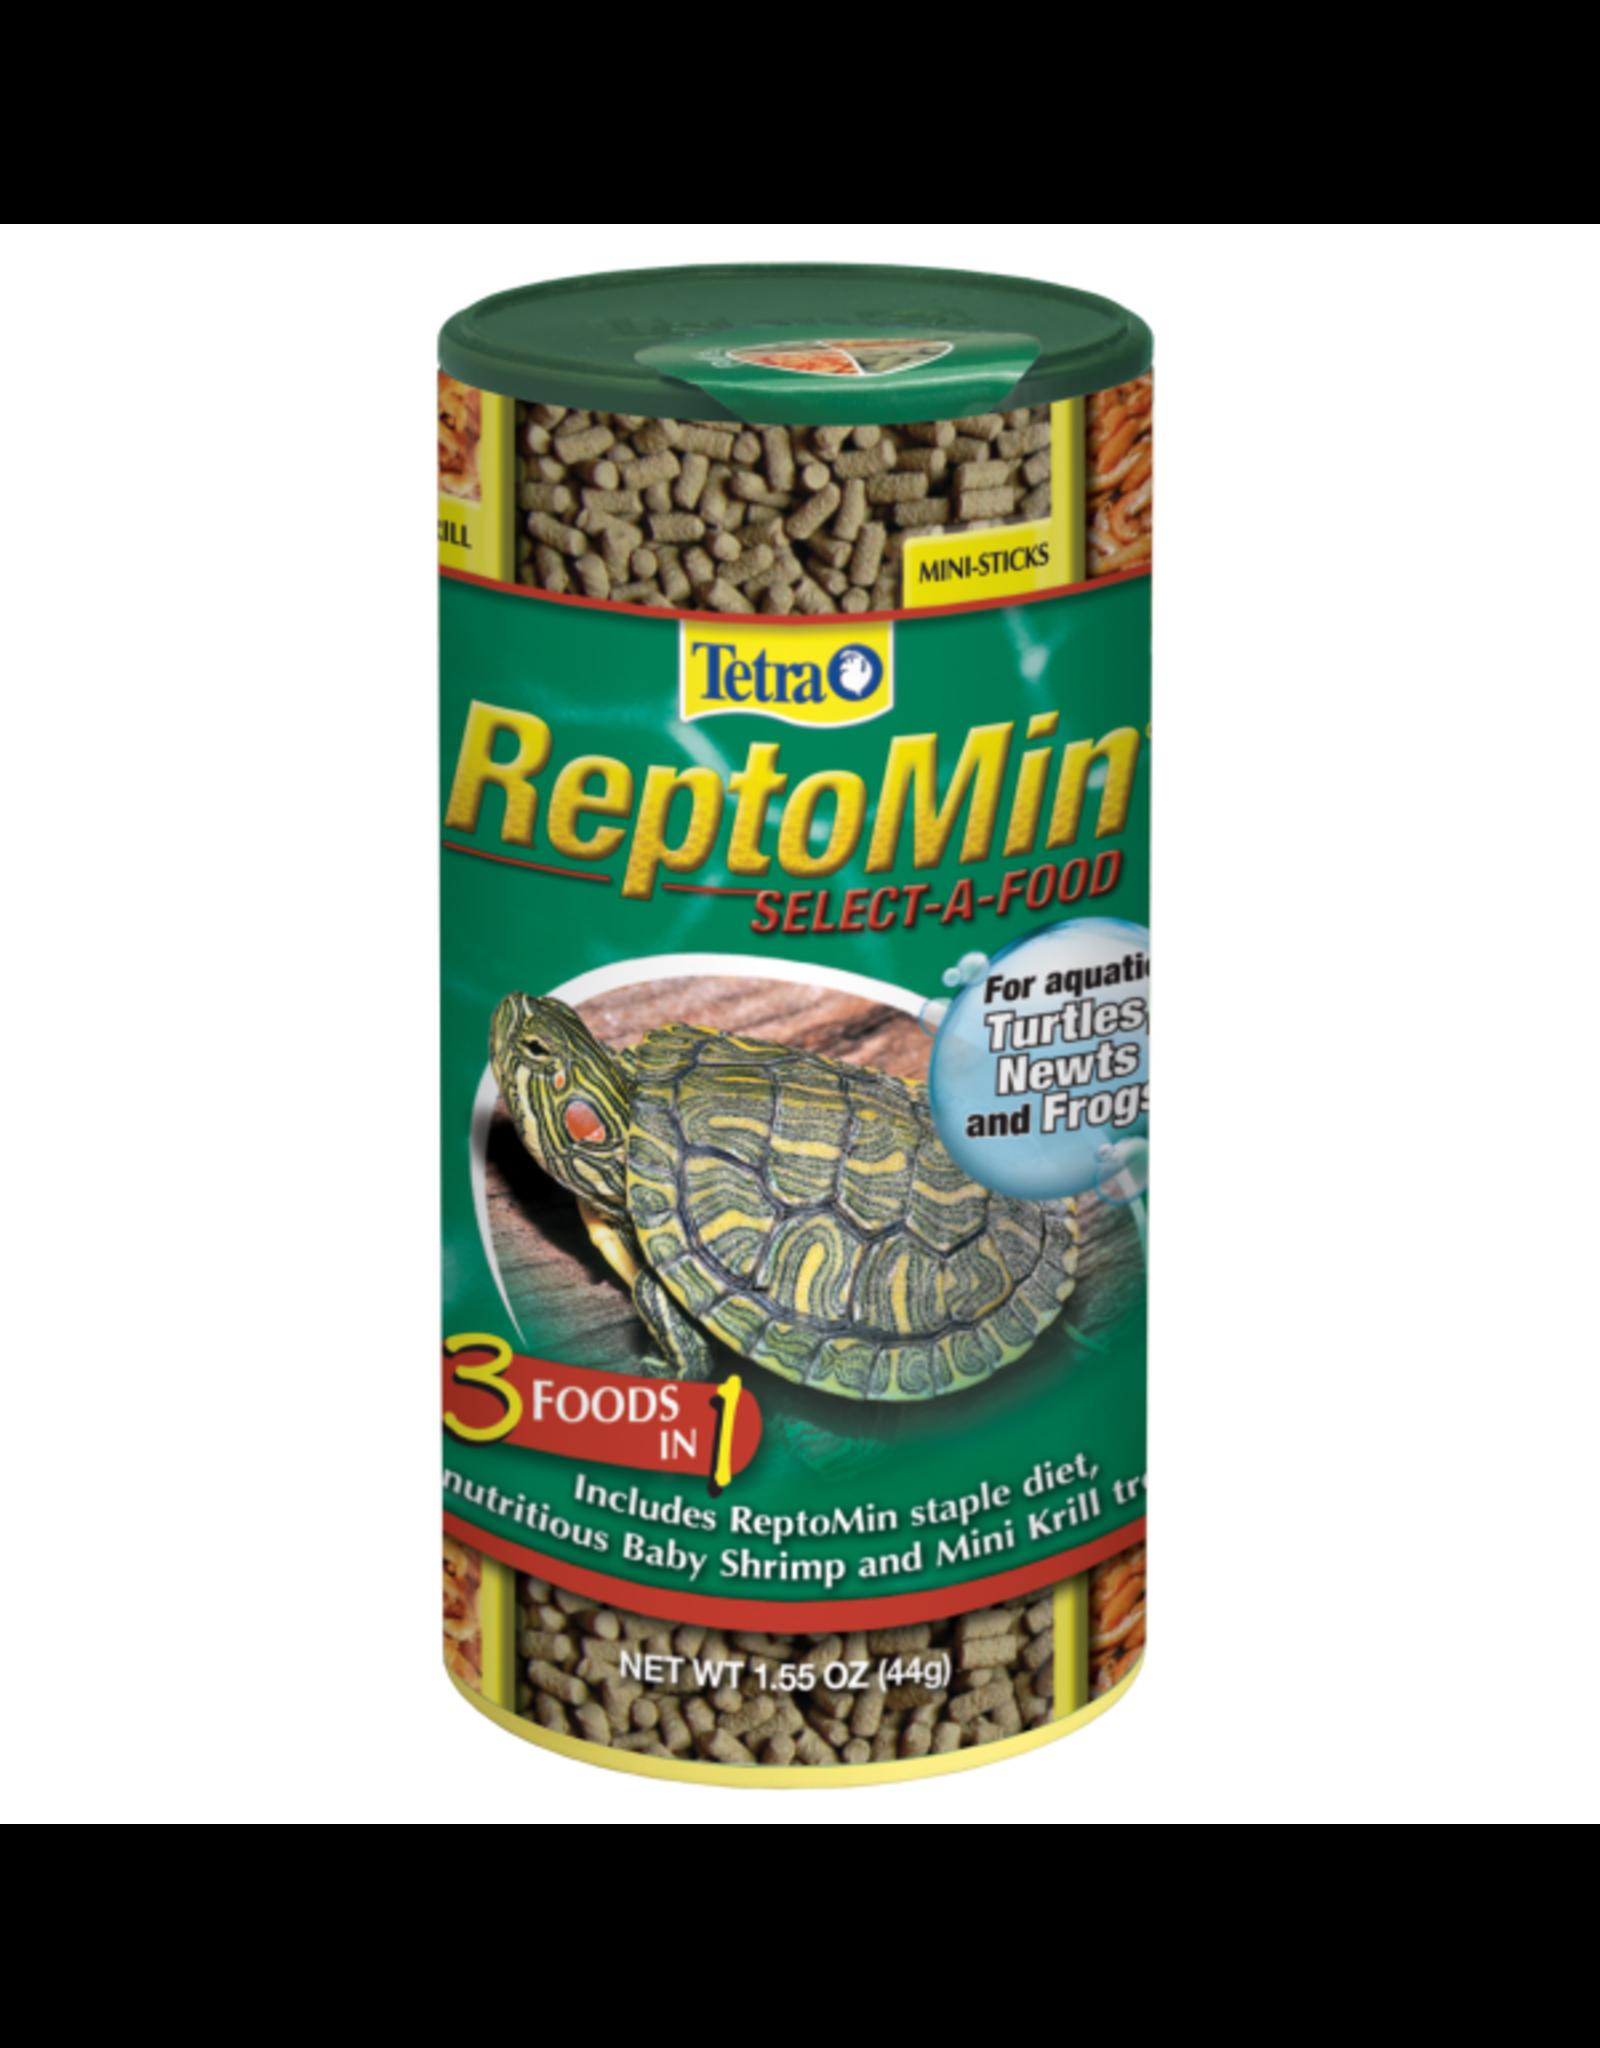 Tetra TETRA Reptomin Select-a-Food